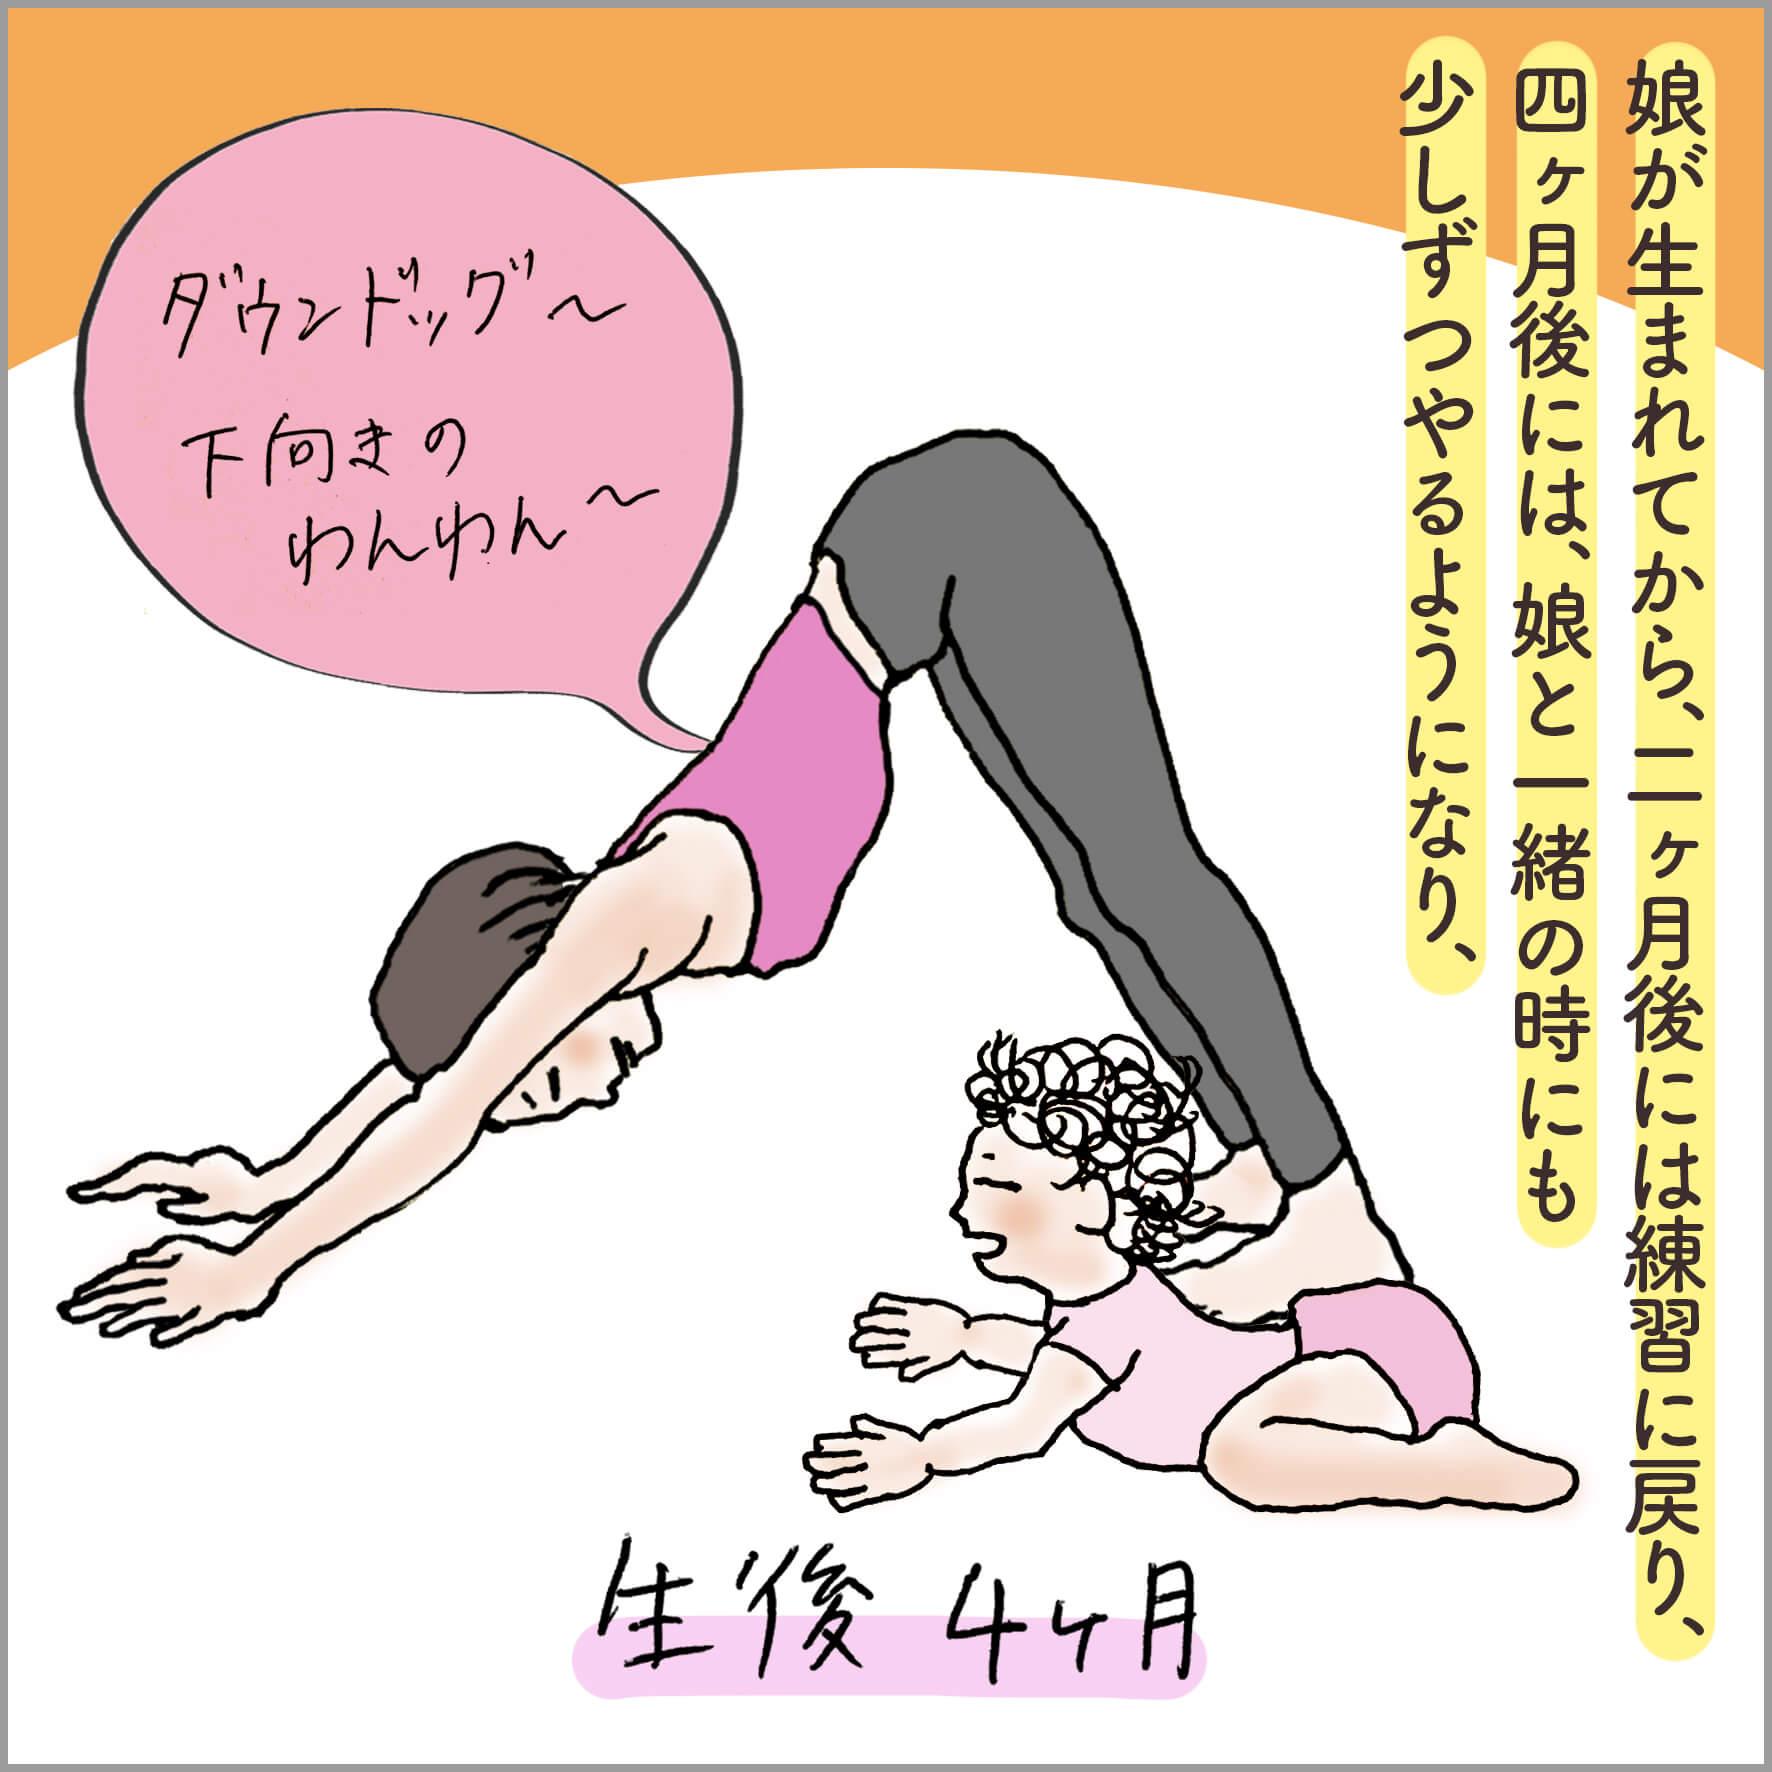 生後4ヶ月の娘とヨガの練習